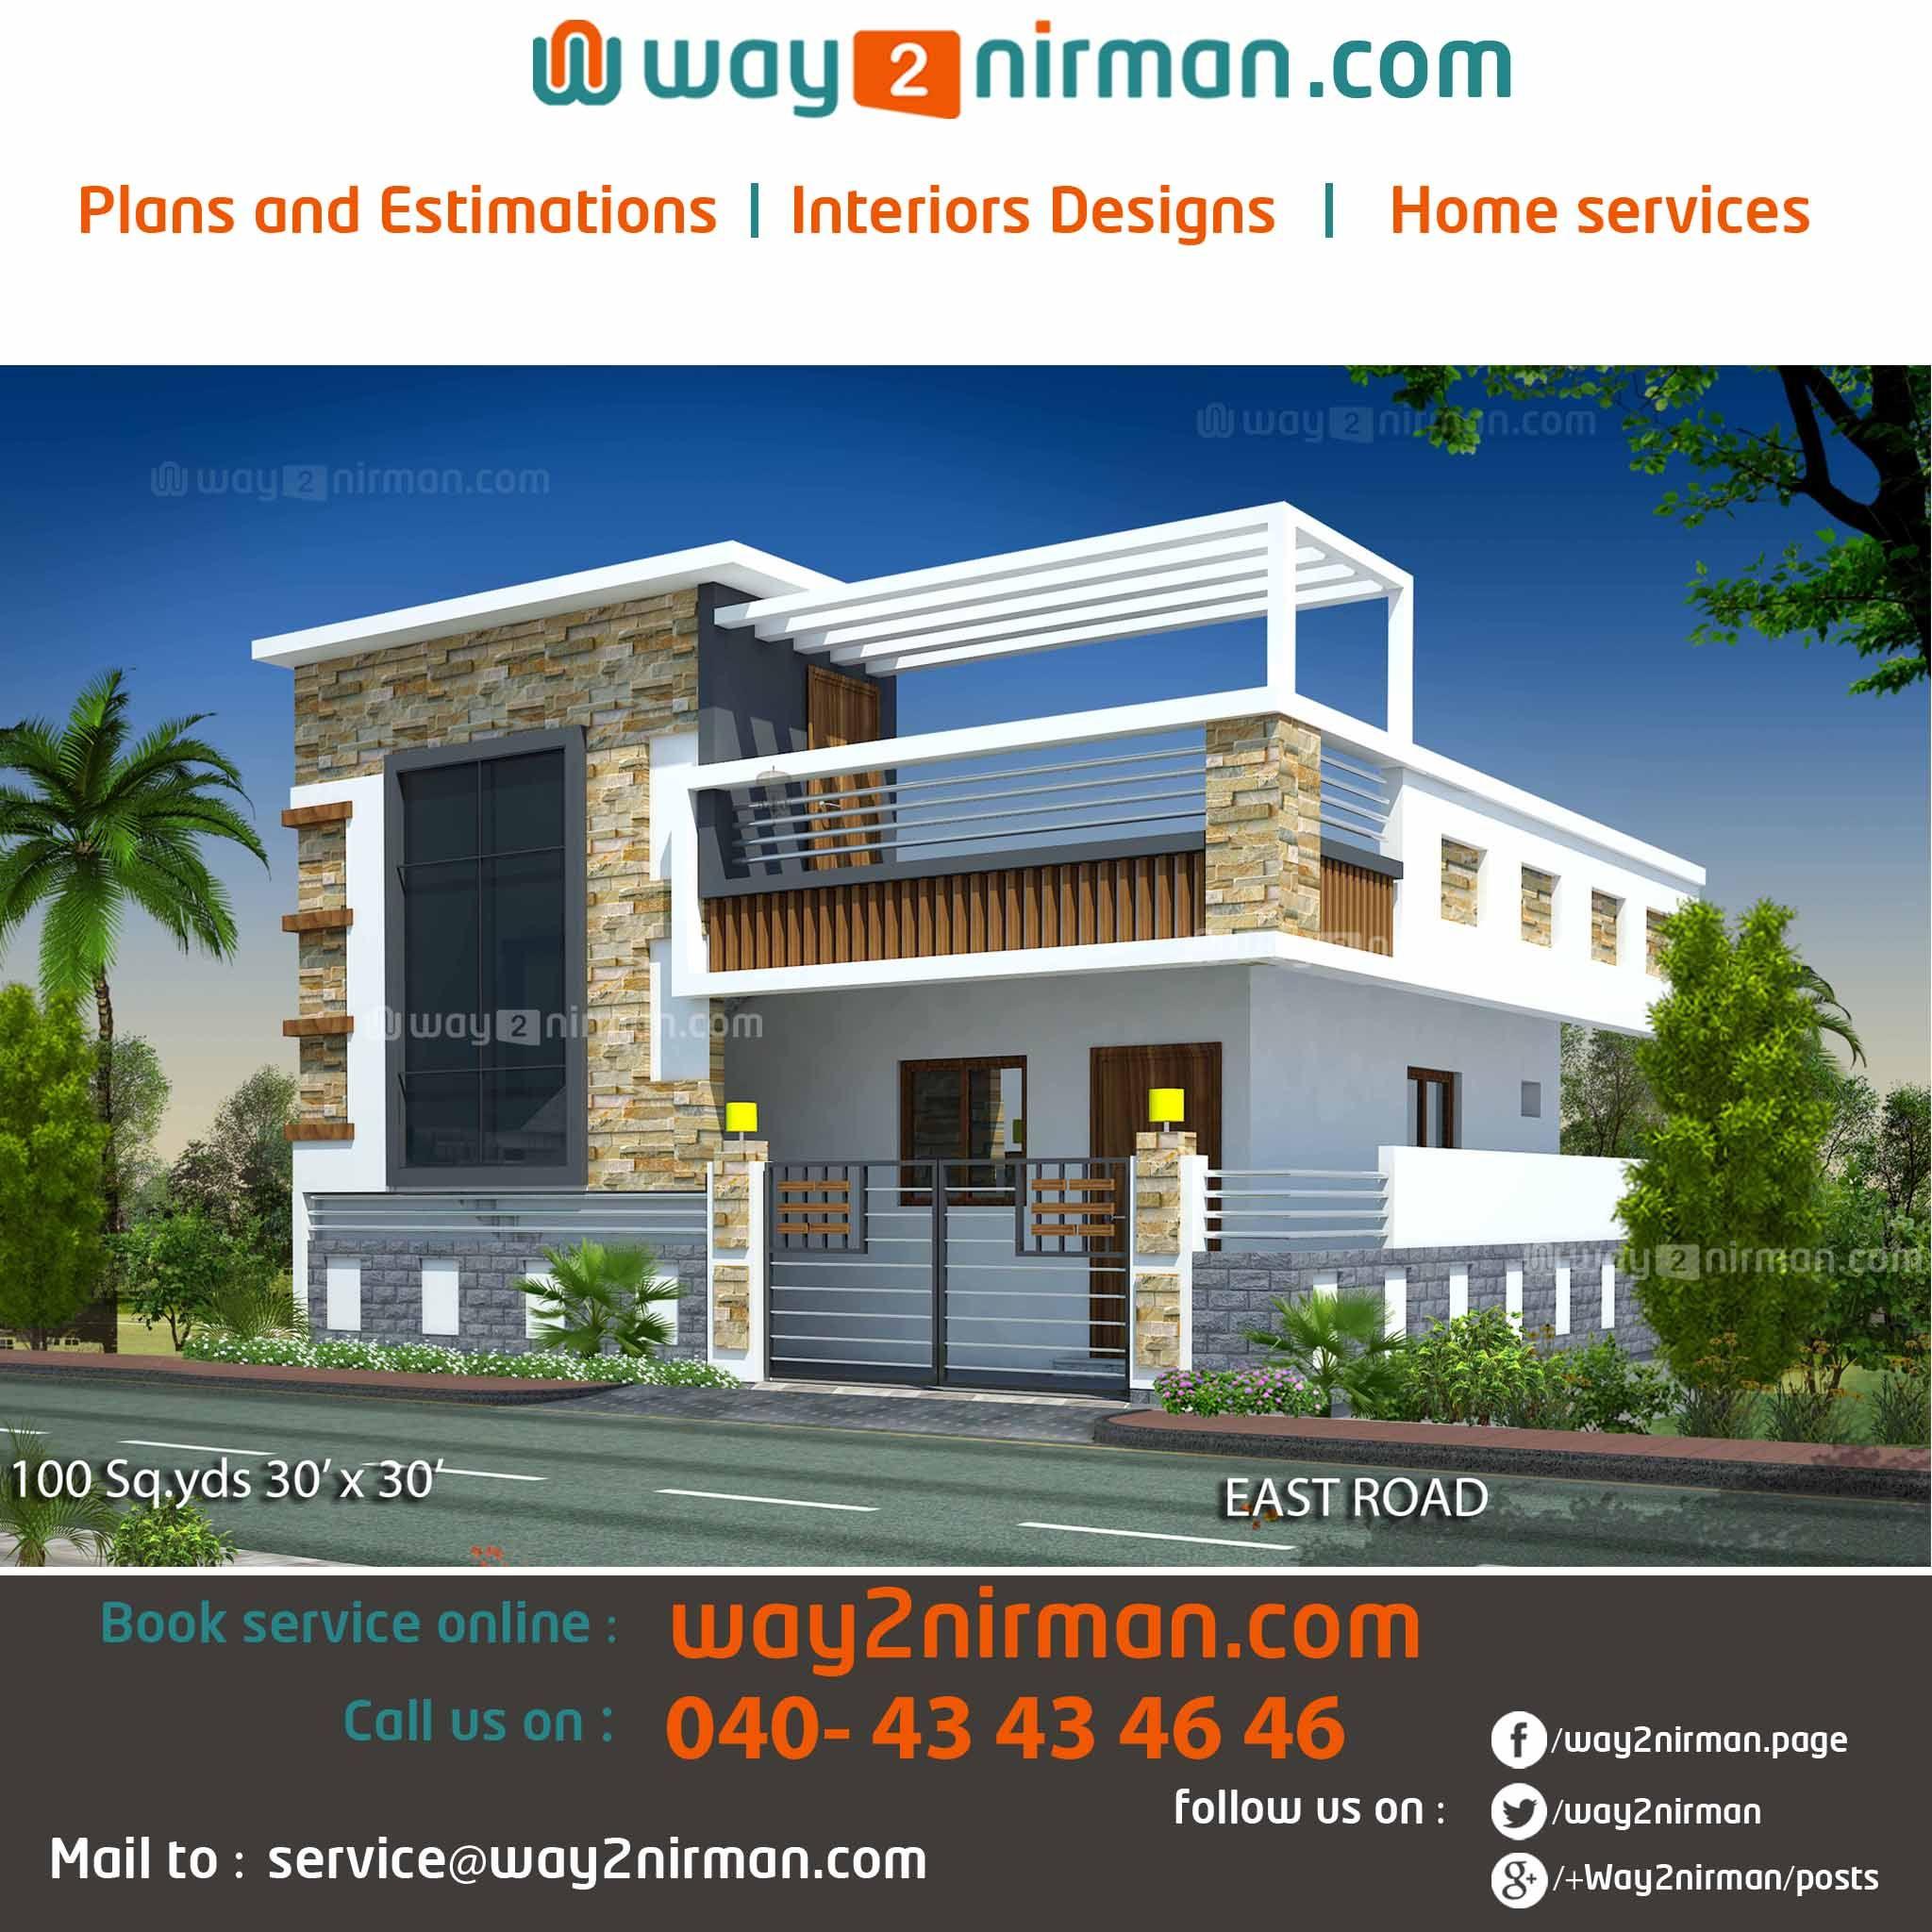 26da889a6ada87e59614c02c9fcf92c9 160 sq yards duplex house plans 160 diy home plans database,Duplex House Plans In 100 Sq Yards